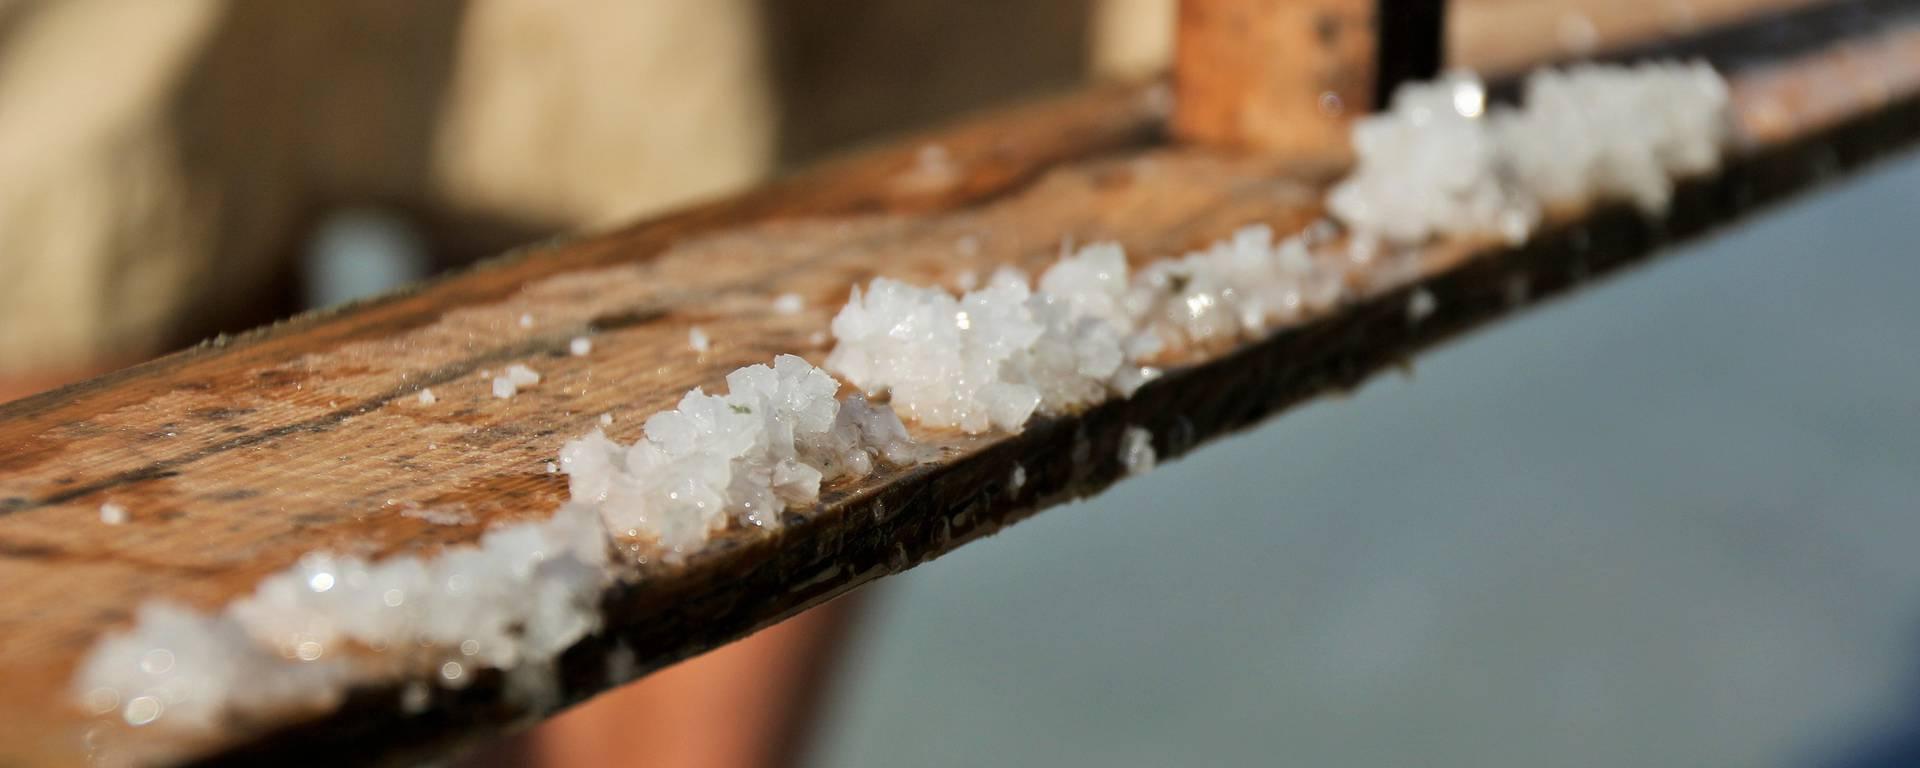 Le simoussi pour faire les Pyramides de sel ©Lesley Williamson